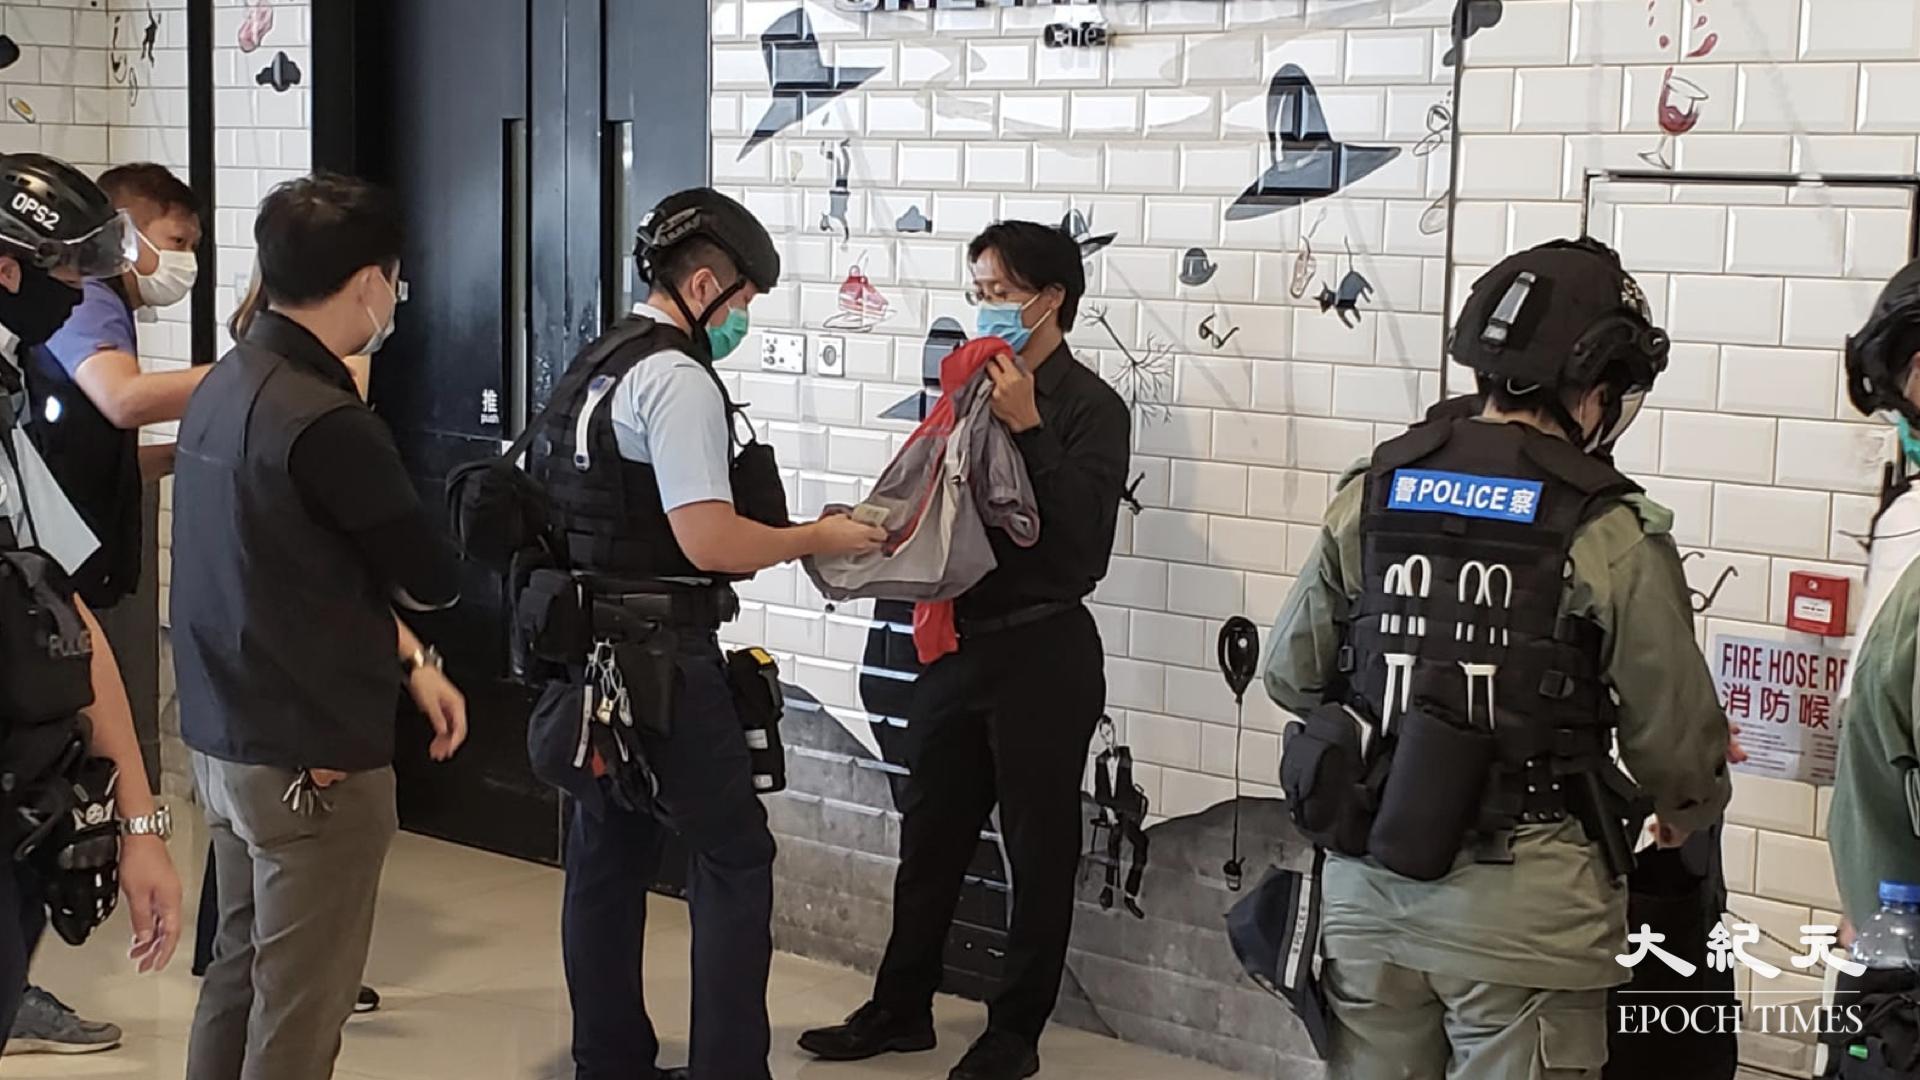 該名抗爭者在接受記者訪問時表示,警方稱將諮詢上司後再做定奪,但並未向該名抗爭人士提及是否他涉及「國安法」。(Bill / 大紀元)